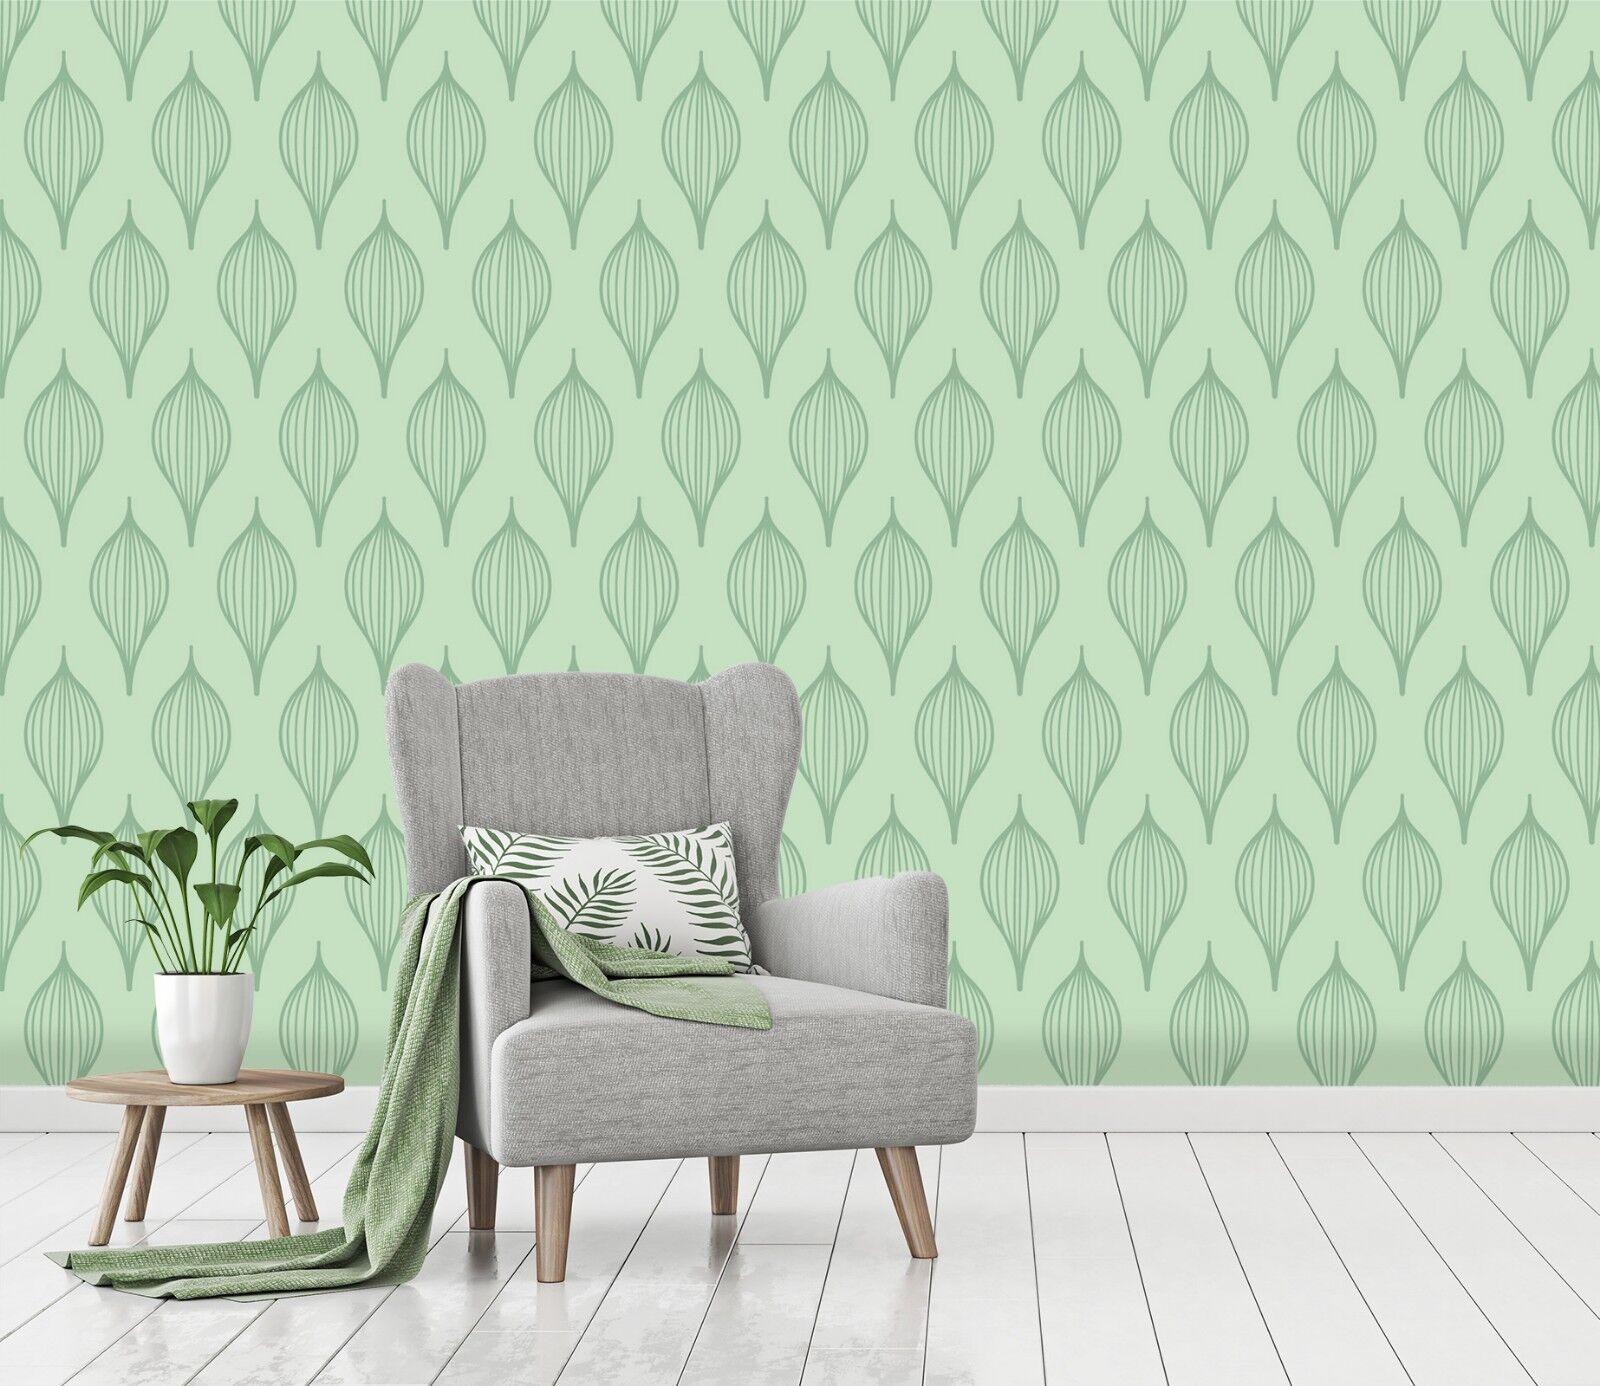 3D Grün Floral Texture 355 WandPapier Mural Wand Drucken Decal Innen Murals AU